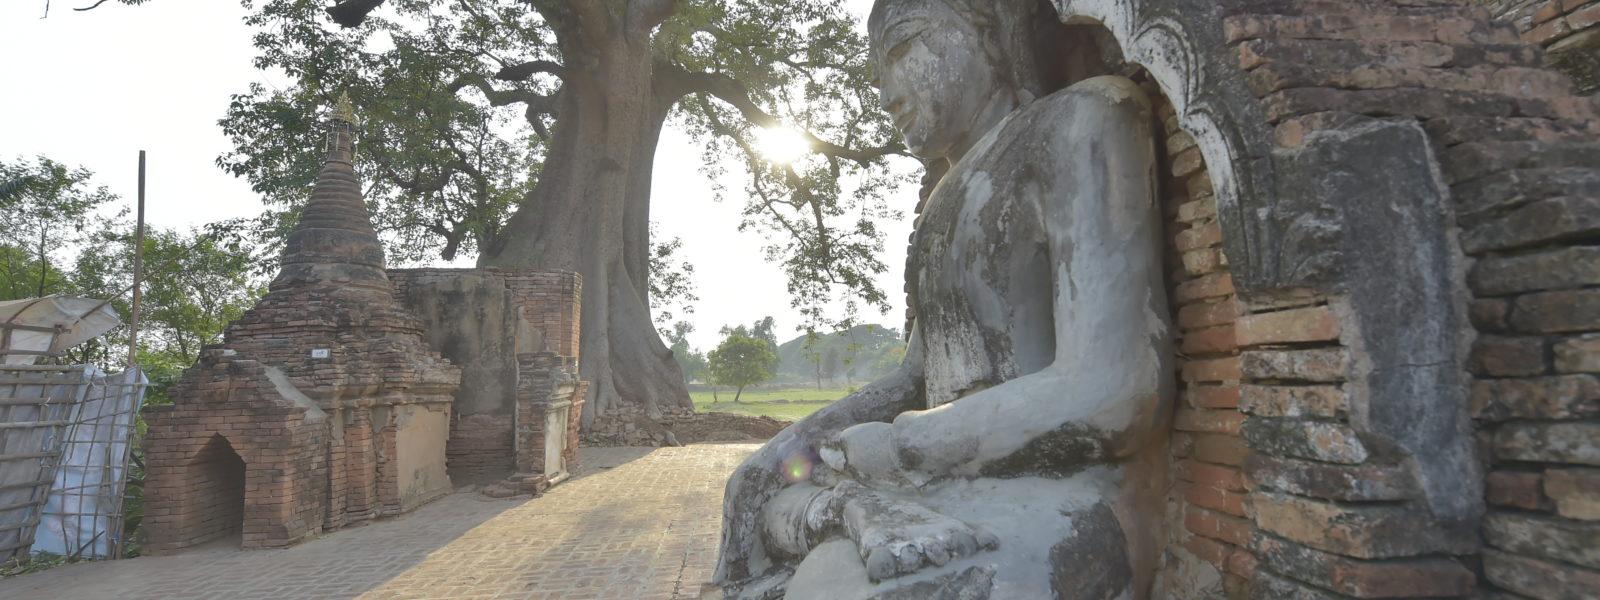 Mandalay - Inwa - Myanmar - Sampan Travel